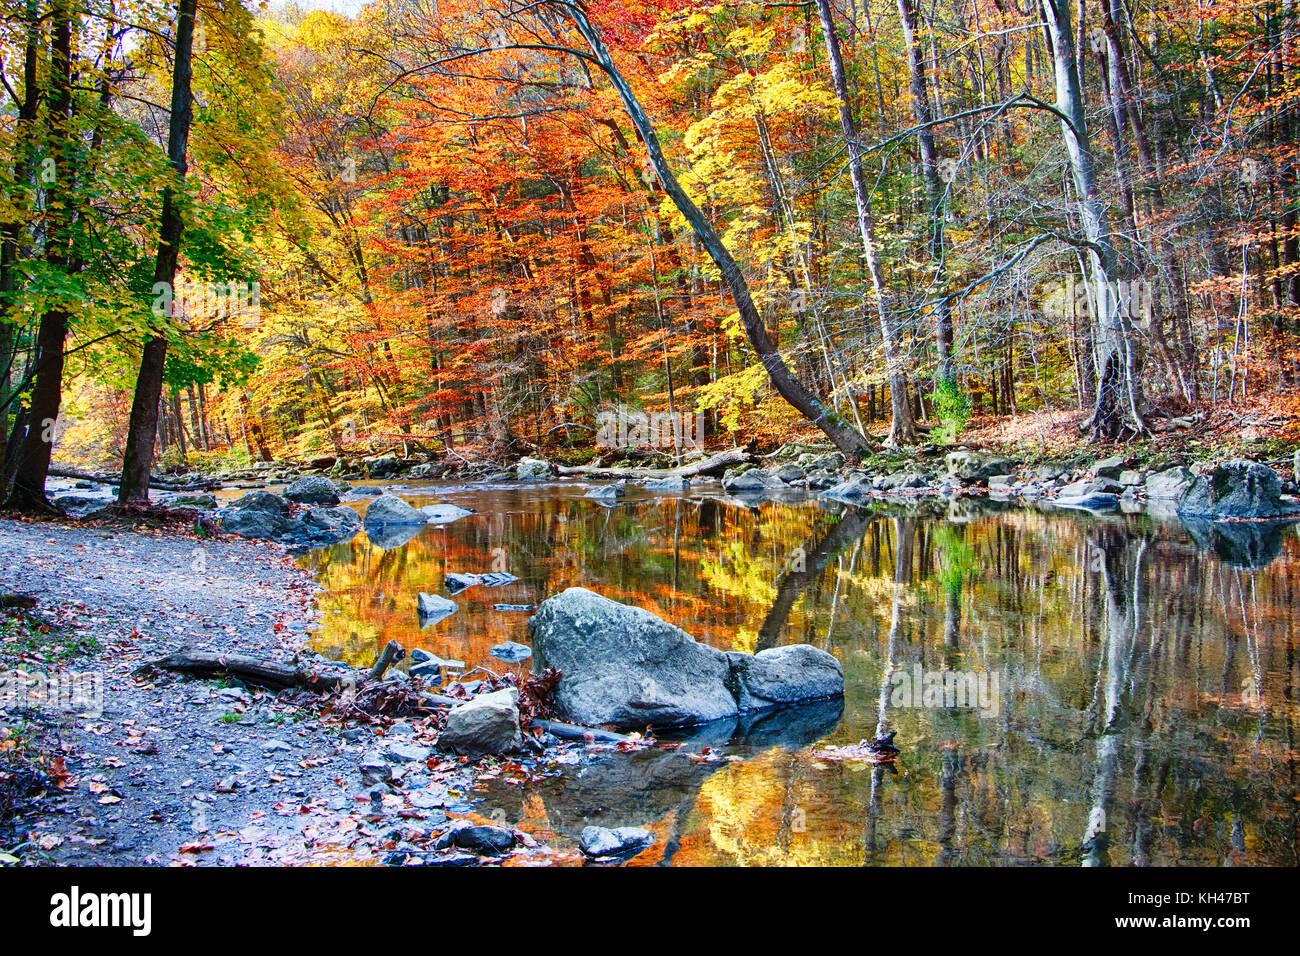 El río negro durante el pico de la caída del follaje, Ken lockwood State Park, New Jersey Foto de stock